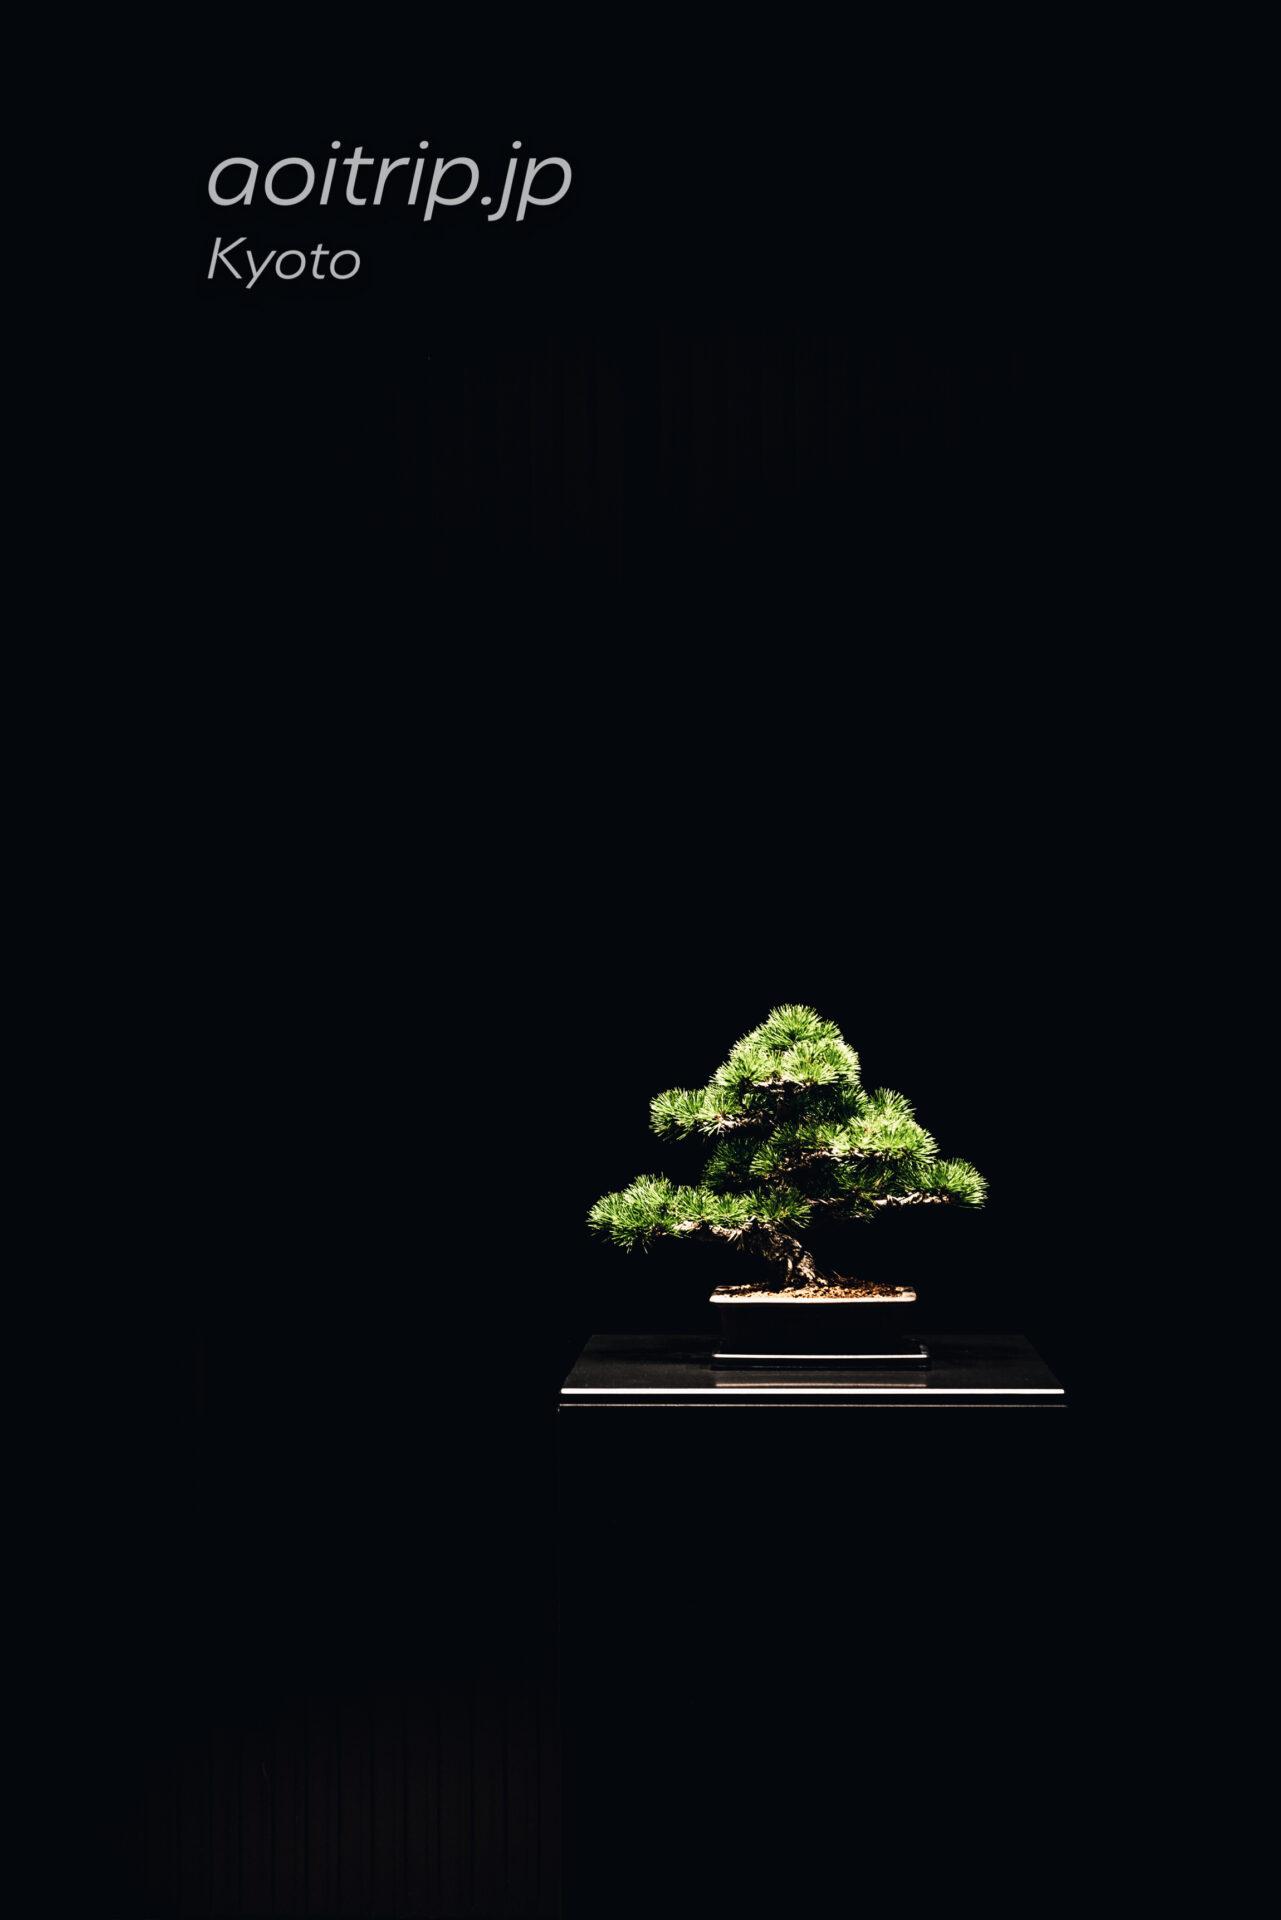 ザ リッツ カールトン京都 The Ritz-Carlton Kyoto クリスチャン トルチュ 竹中庭園緑化